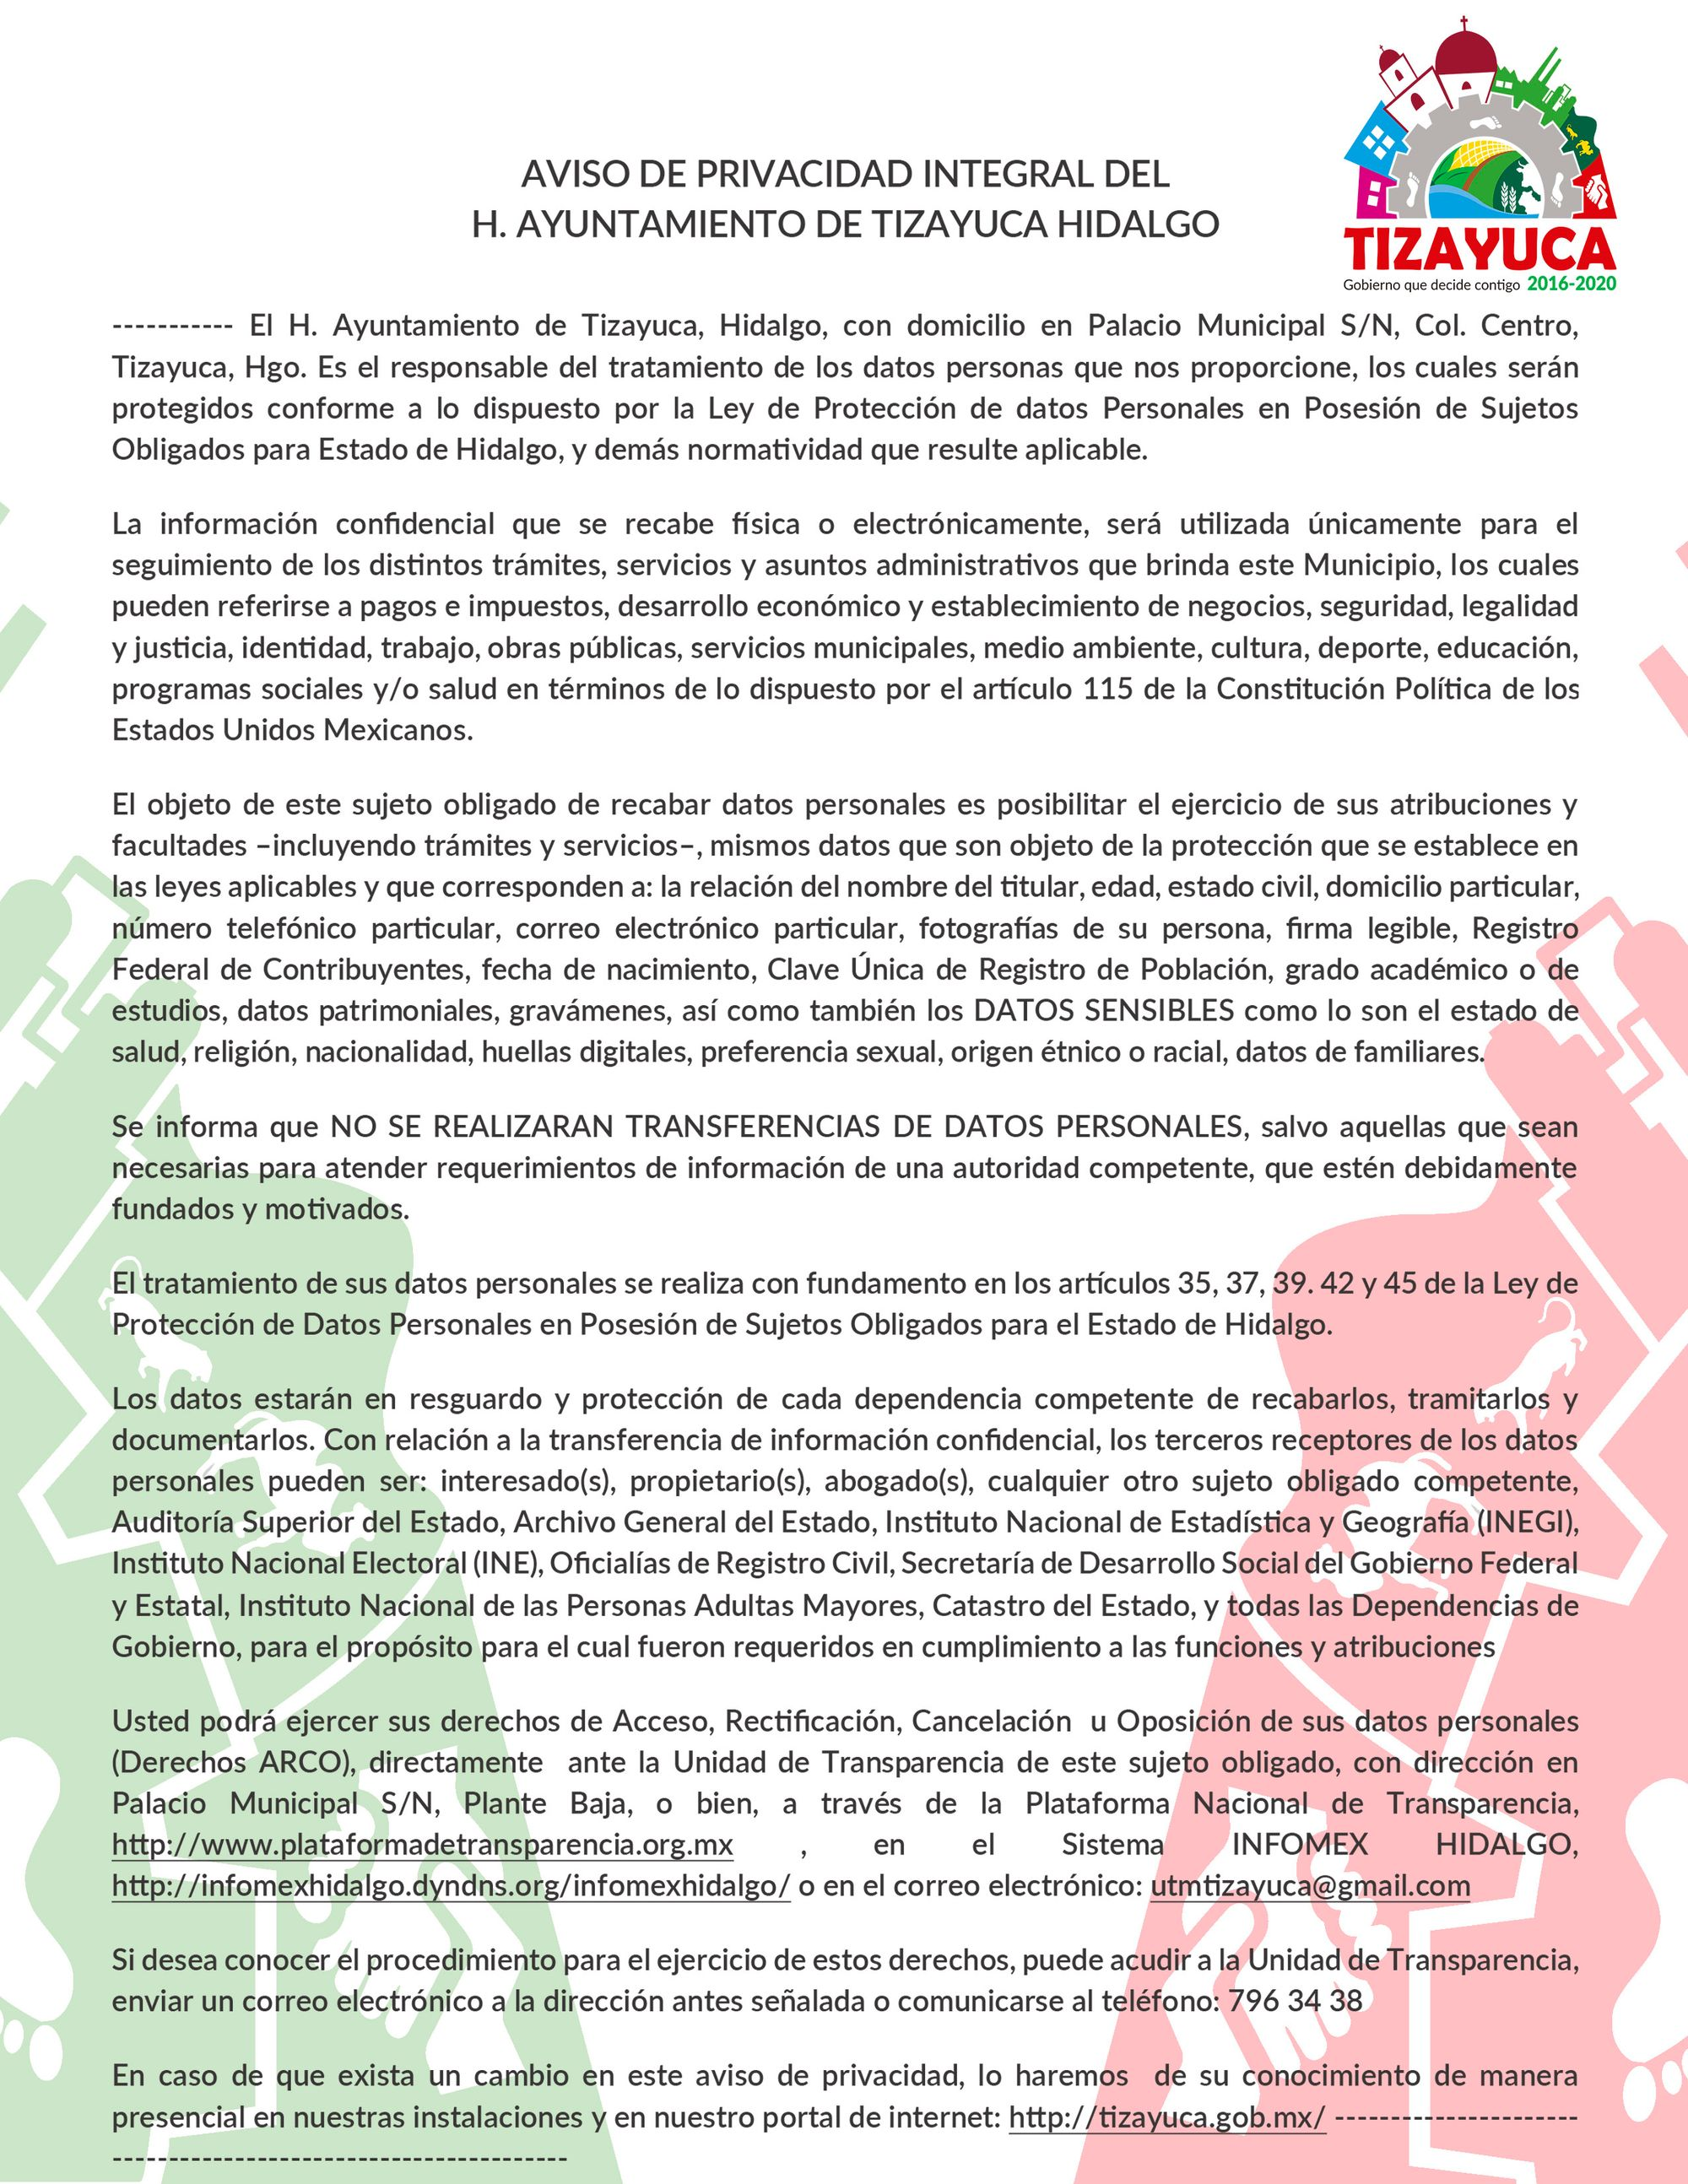 Único Plantilla De Privacidad Regalo - Colección De Plantillas De ...